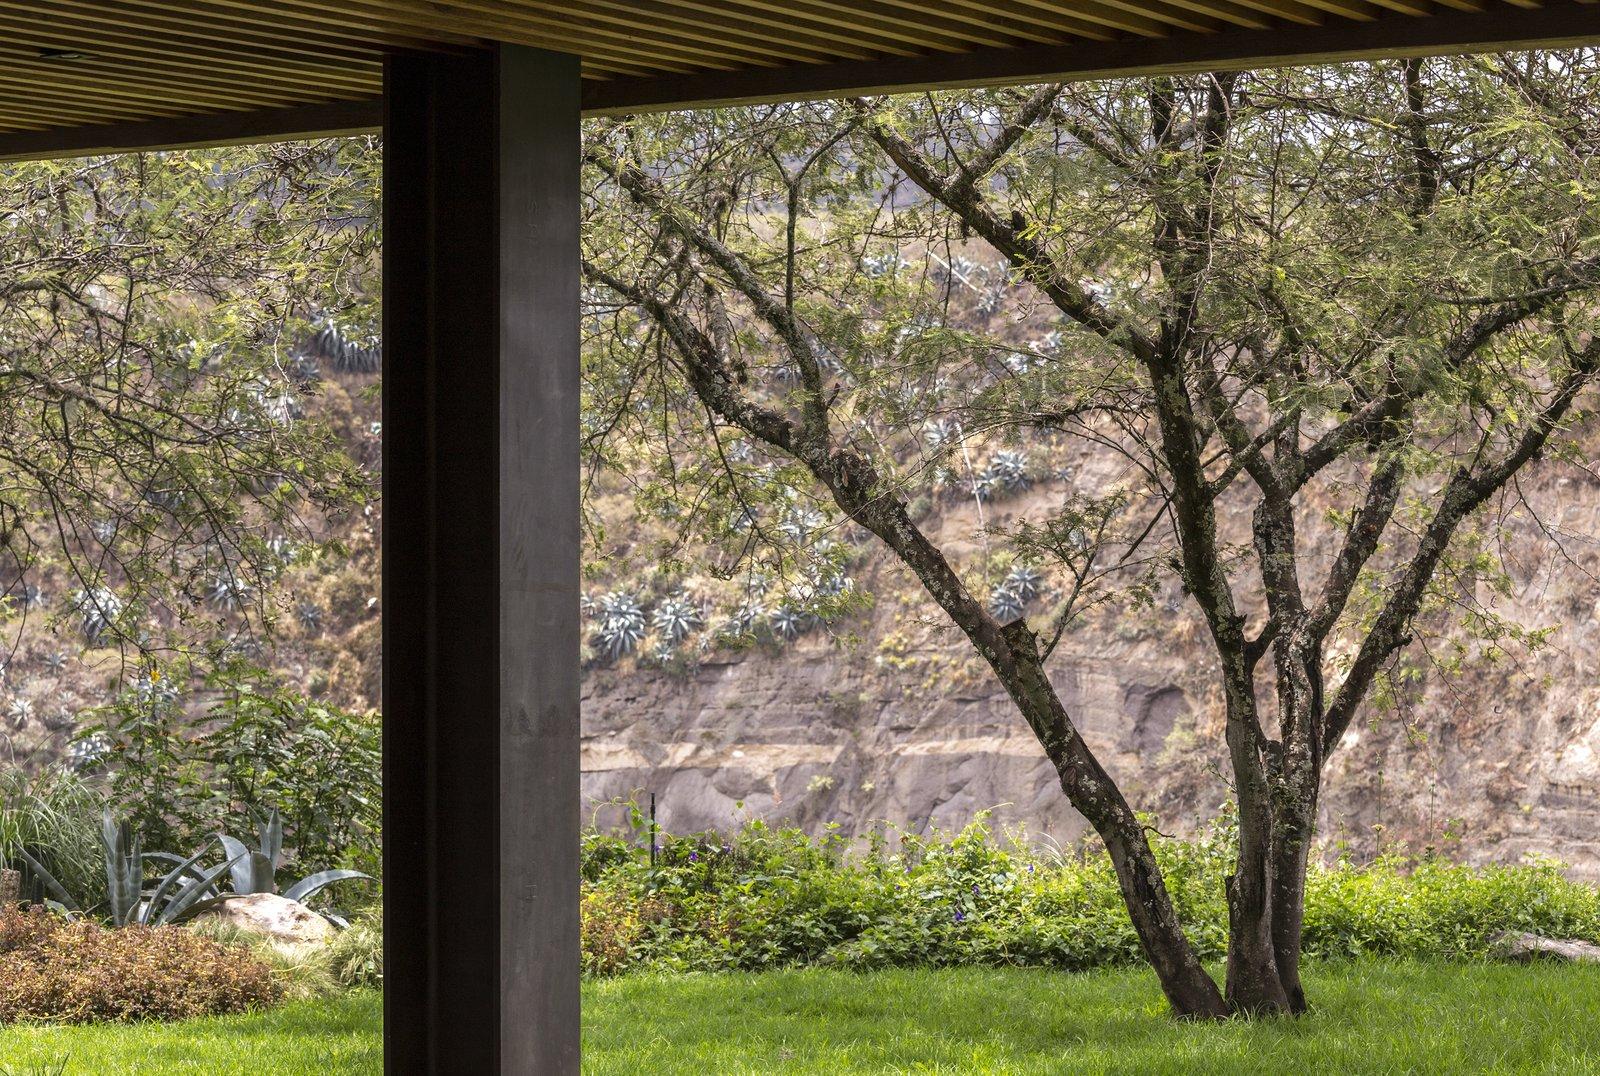 Outdoor, Garden, Back Yard, Desert, Trees, Grass, Gardens, Flowers, Large, and Metal  Best Outdoor Garden Desert Photos from La casa en la quebrada